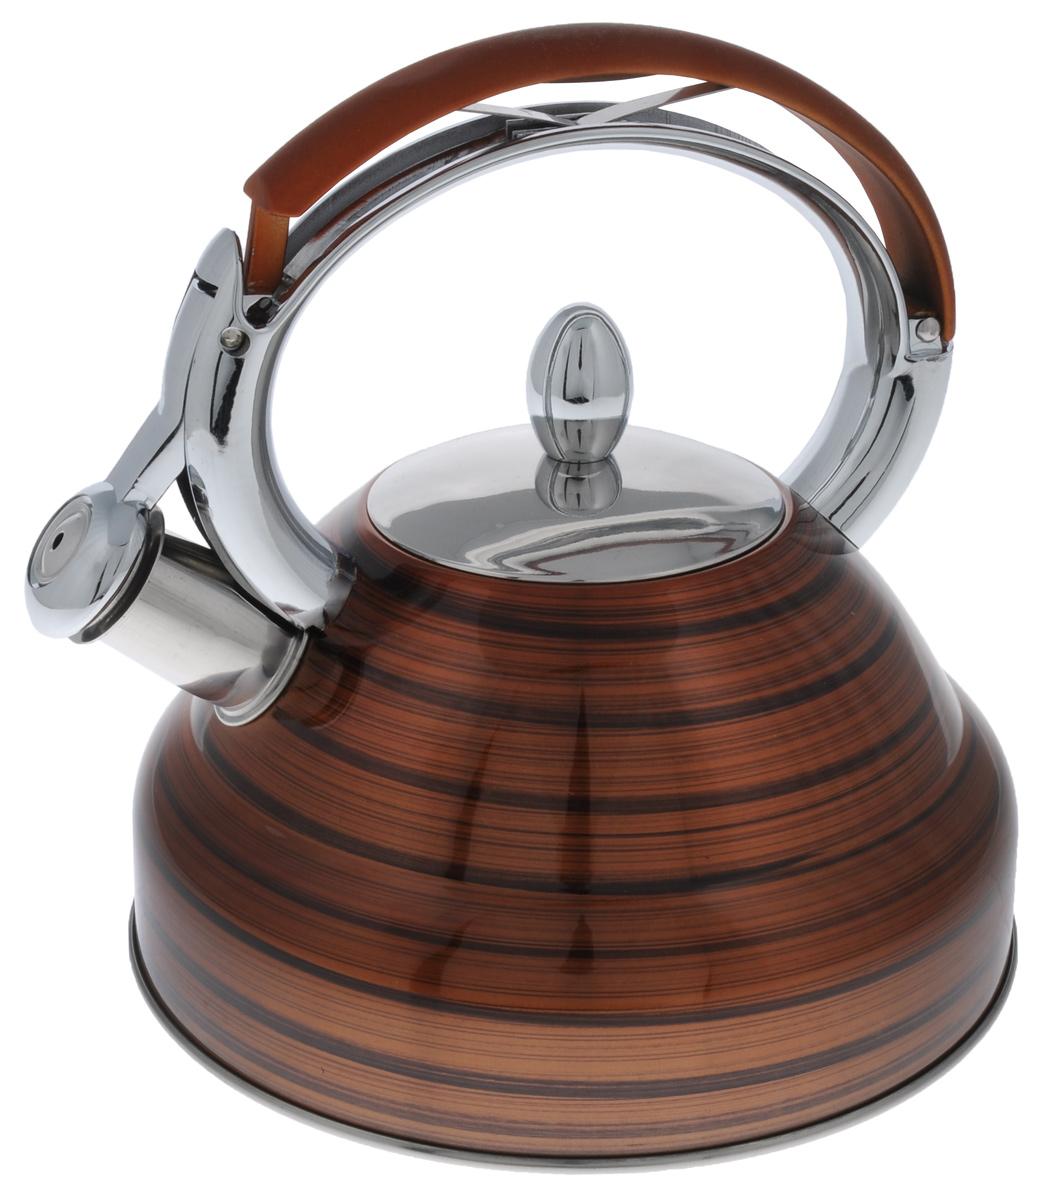 Чайник Mayer & Boch, со свистком, цвет: коричневый, 2,7 л. 23205VT-1520(SR)Чайник Mayer & Boch выполнен из высококачественной нержавеющей стали, что делаетего весьма гигиеничным и устойчивым к износу при длительном использовании. Носик чайникаоснащен насадкой-свистком, что позволит вам контролировать процесс подогрева иликипяченияводы. Фиксированная ручка, изготовленная из нейлона и цинка, дает дополнительное удобство при наливаниинапитка.Поверхность чайника гладкая, что облегчает уход за ним. Эстетичный и функциональный, с эксклюзивным дизайном, чайник будет оригинальносмотретьсяв любом интерьере.Подходит для всех типов плит, включая индукционные. Можно мыть в посудомоечной машине.Высота чайника (без учета ручки и крышки): 11,5 см.Высота чайника (с учетом ручки и крышки): 24 см.Диаметр чайника (по верхнему краю): 10 см.